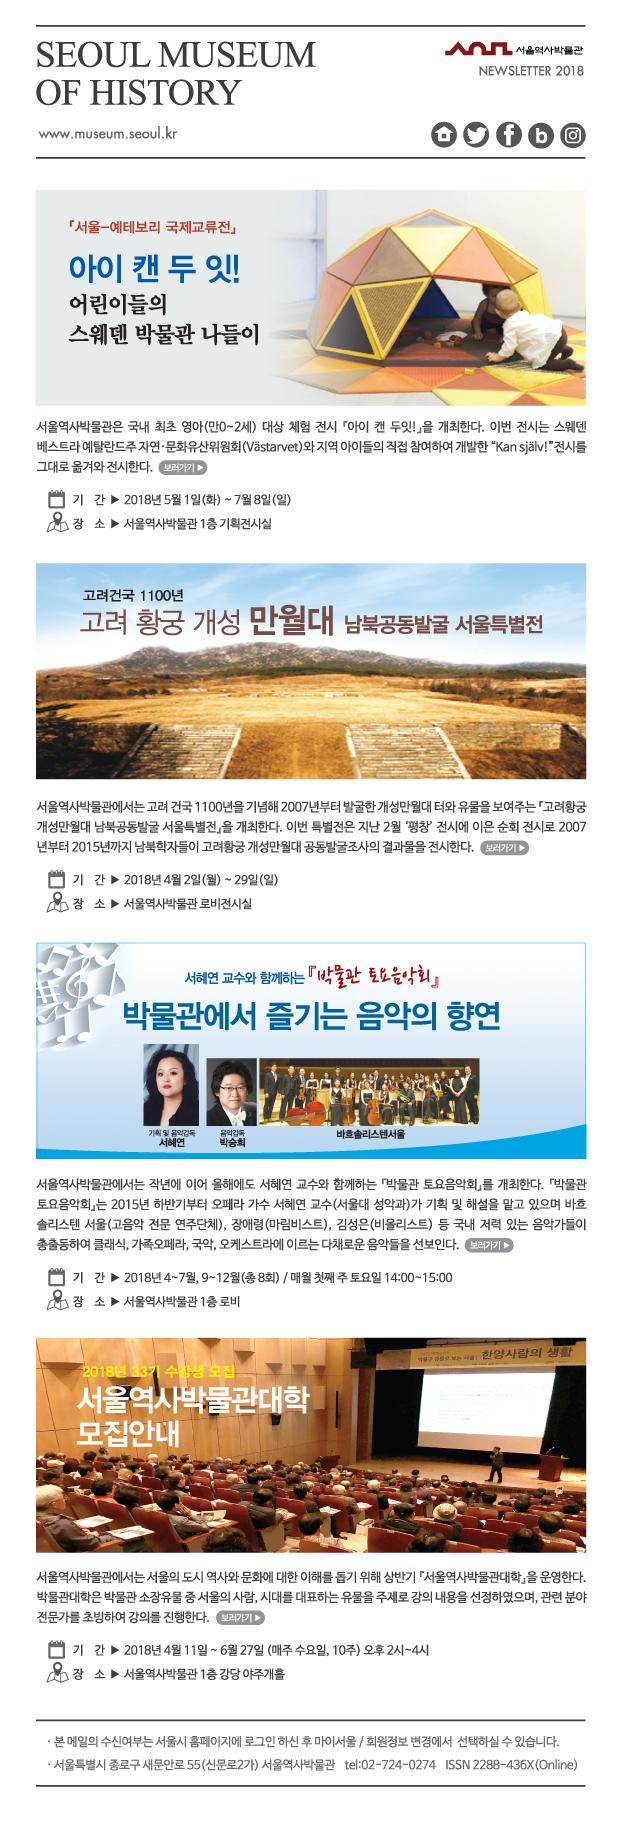 http://www.museum.seoul.kr/upload/ckeditor/2018/4/17/1ab222fd-d511-424a-bc67-f37111fb572b.jpg